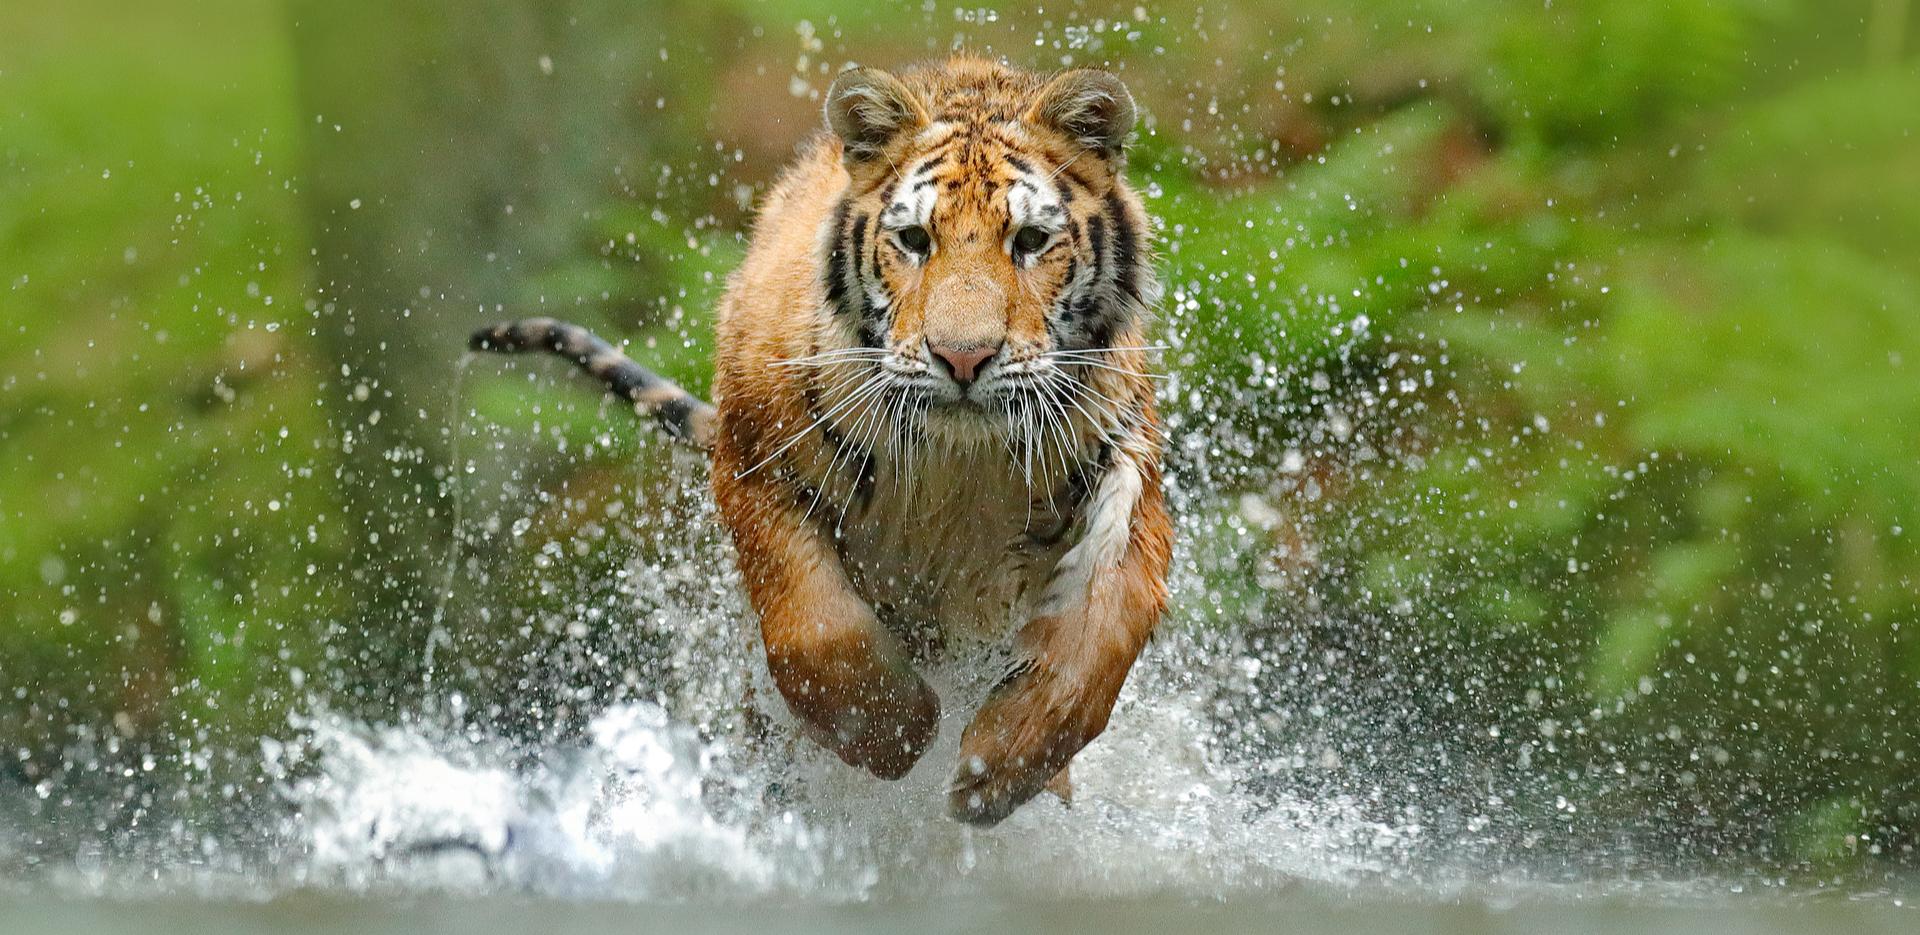 Big Cats, Tiger